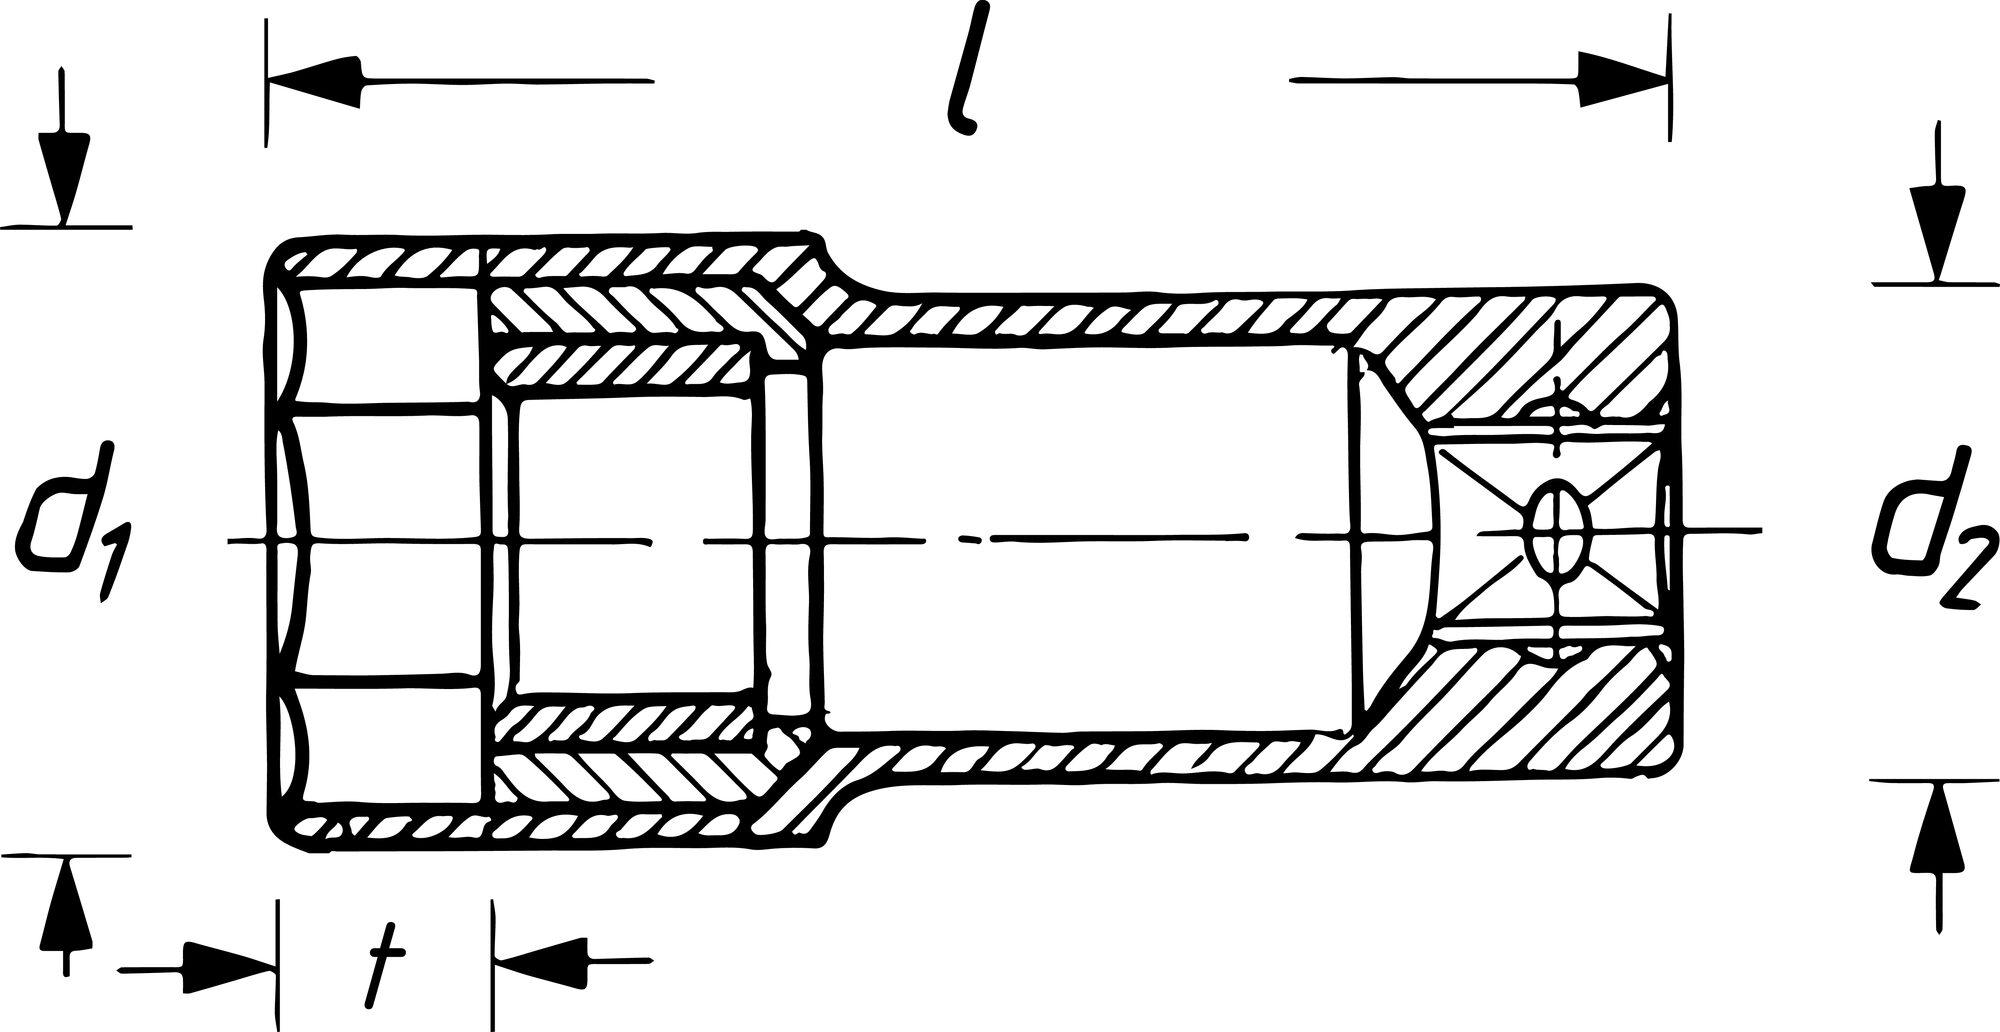 HAZET Zündkerzen Steckschlüsseleinsatz 880AMGT ∙ Vierkant hohl 10 mm (3/8 Zoll) ∙ Außen-Sechskant Profil ∙ 16 mm